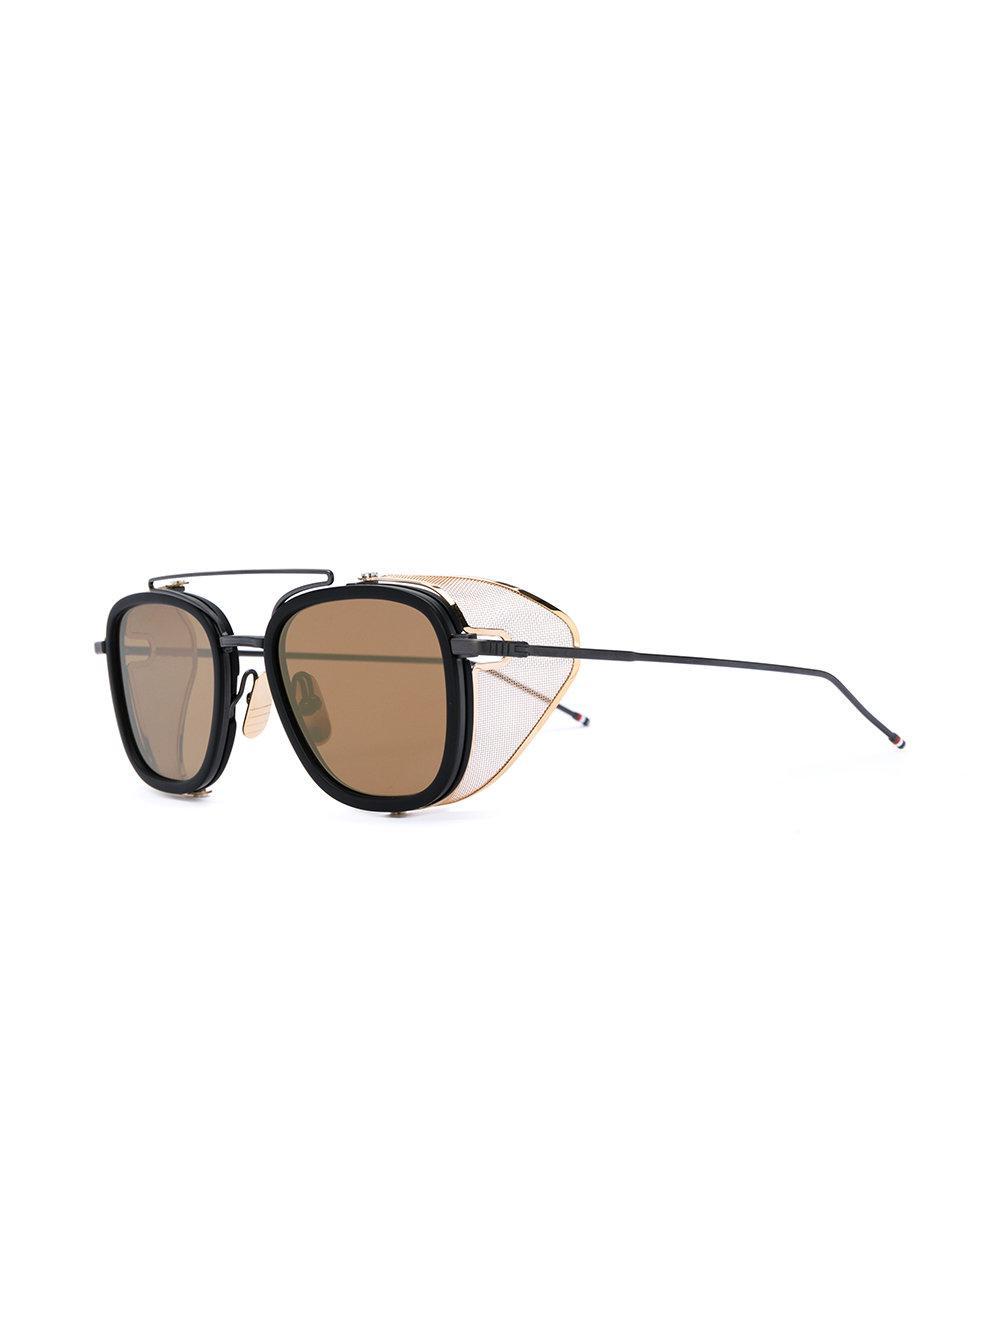 f7981f858551 Lyst - Thom Browne Tb-808 Sunglasses in Black